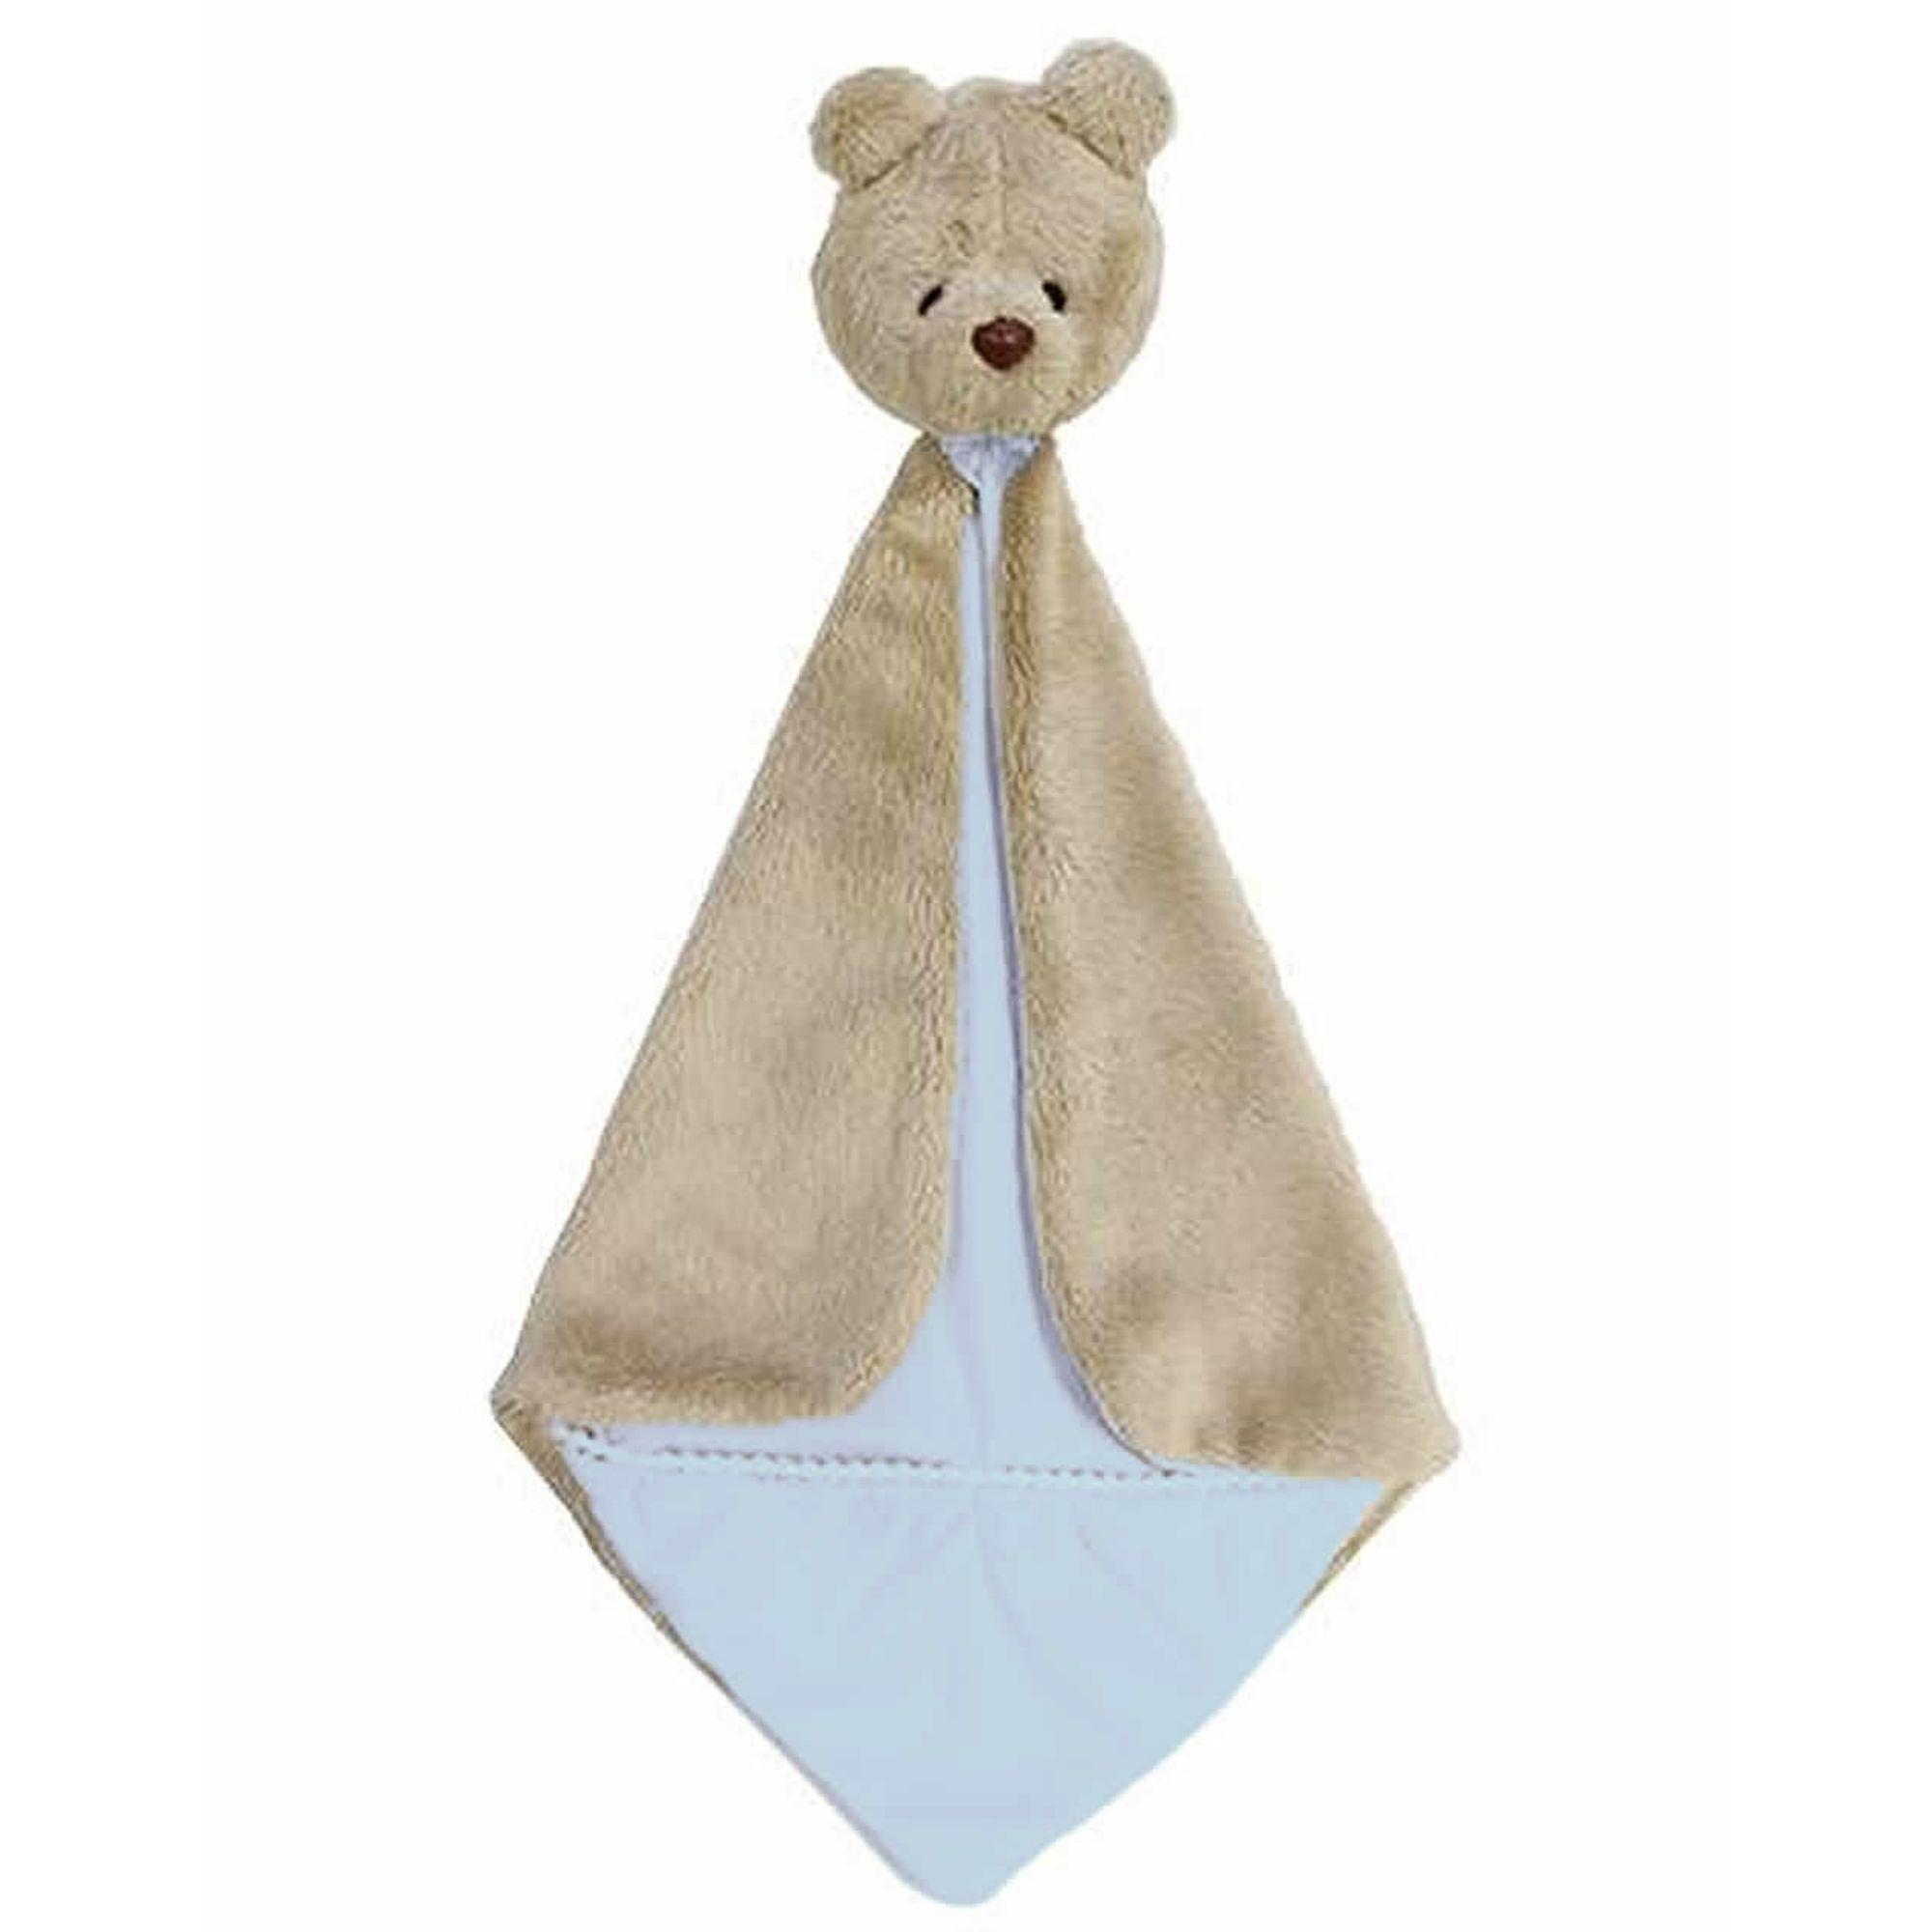 naninha-pelucia-ursinho-azul-silvia-polito